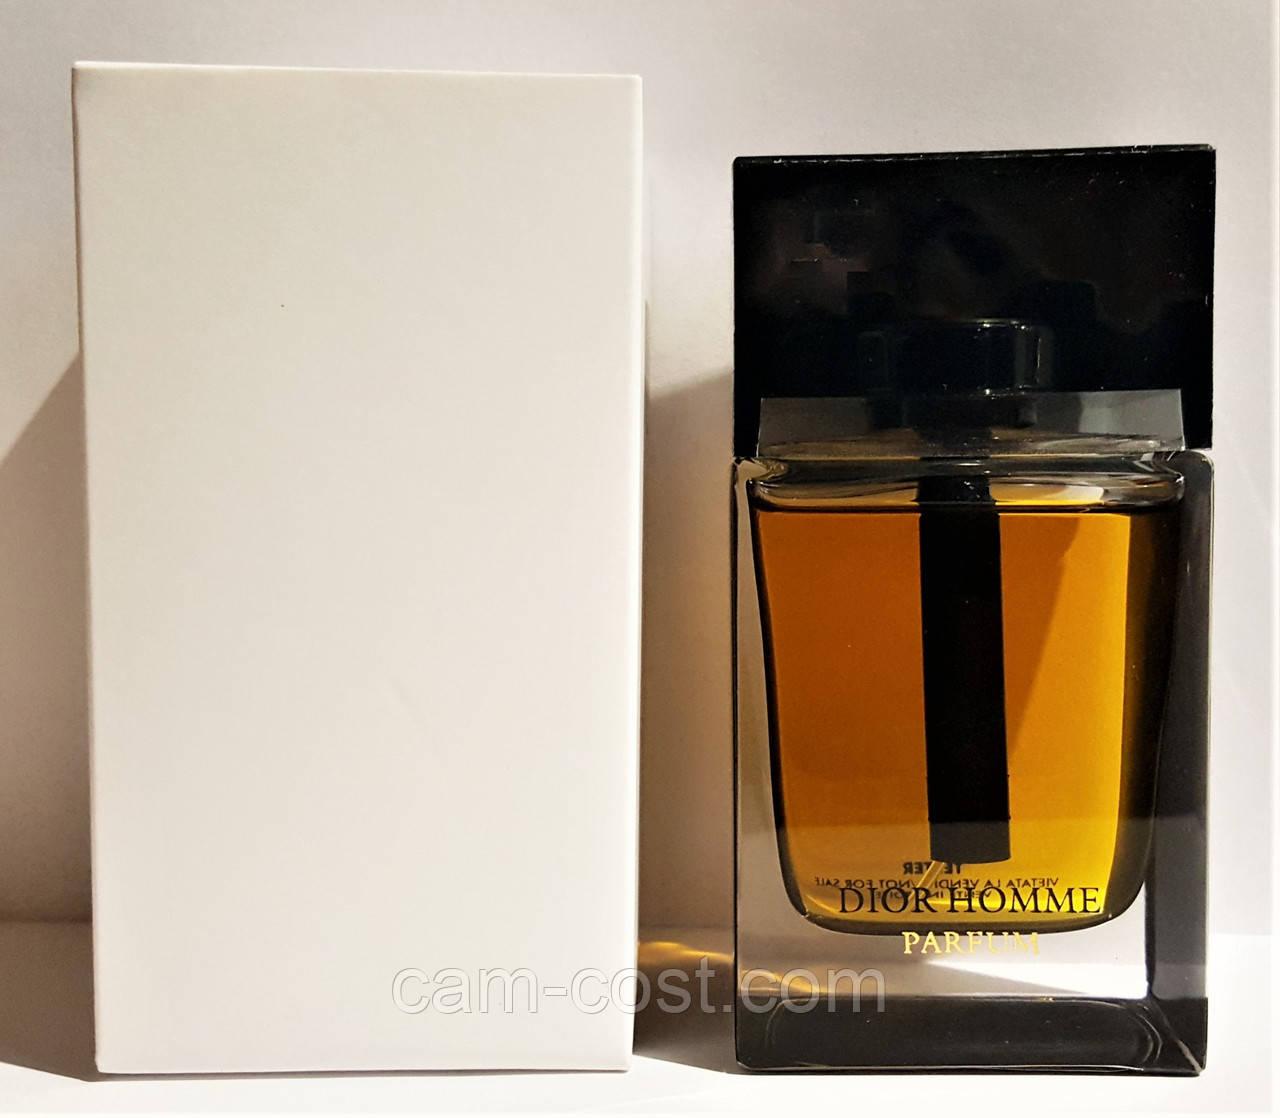 парфюмированная вода в тестере Christian Dior Dior Homme Parfum